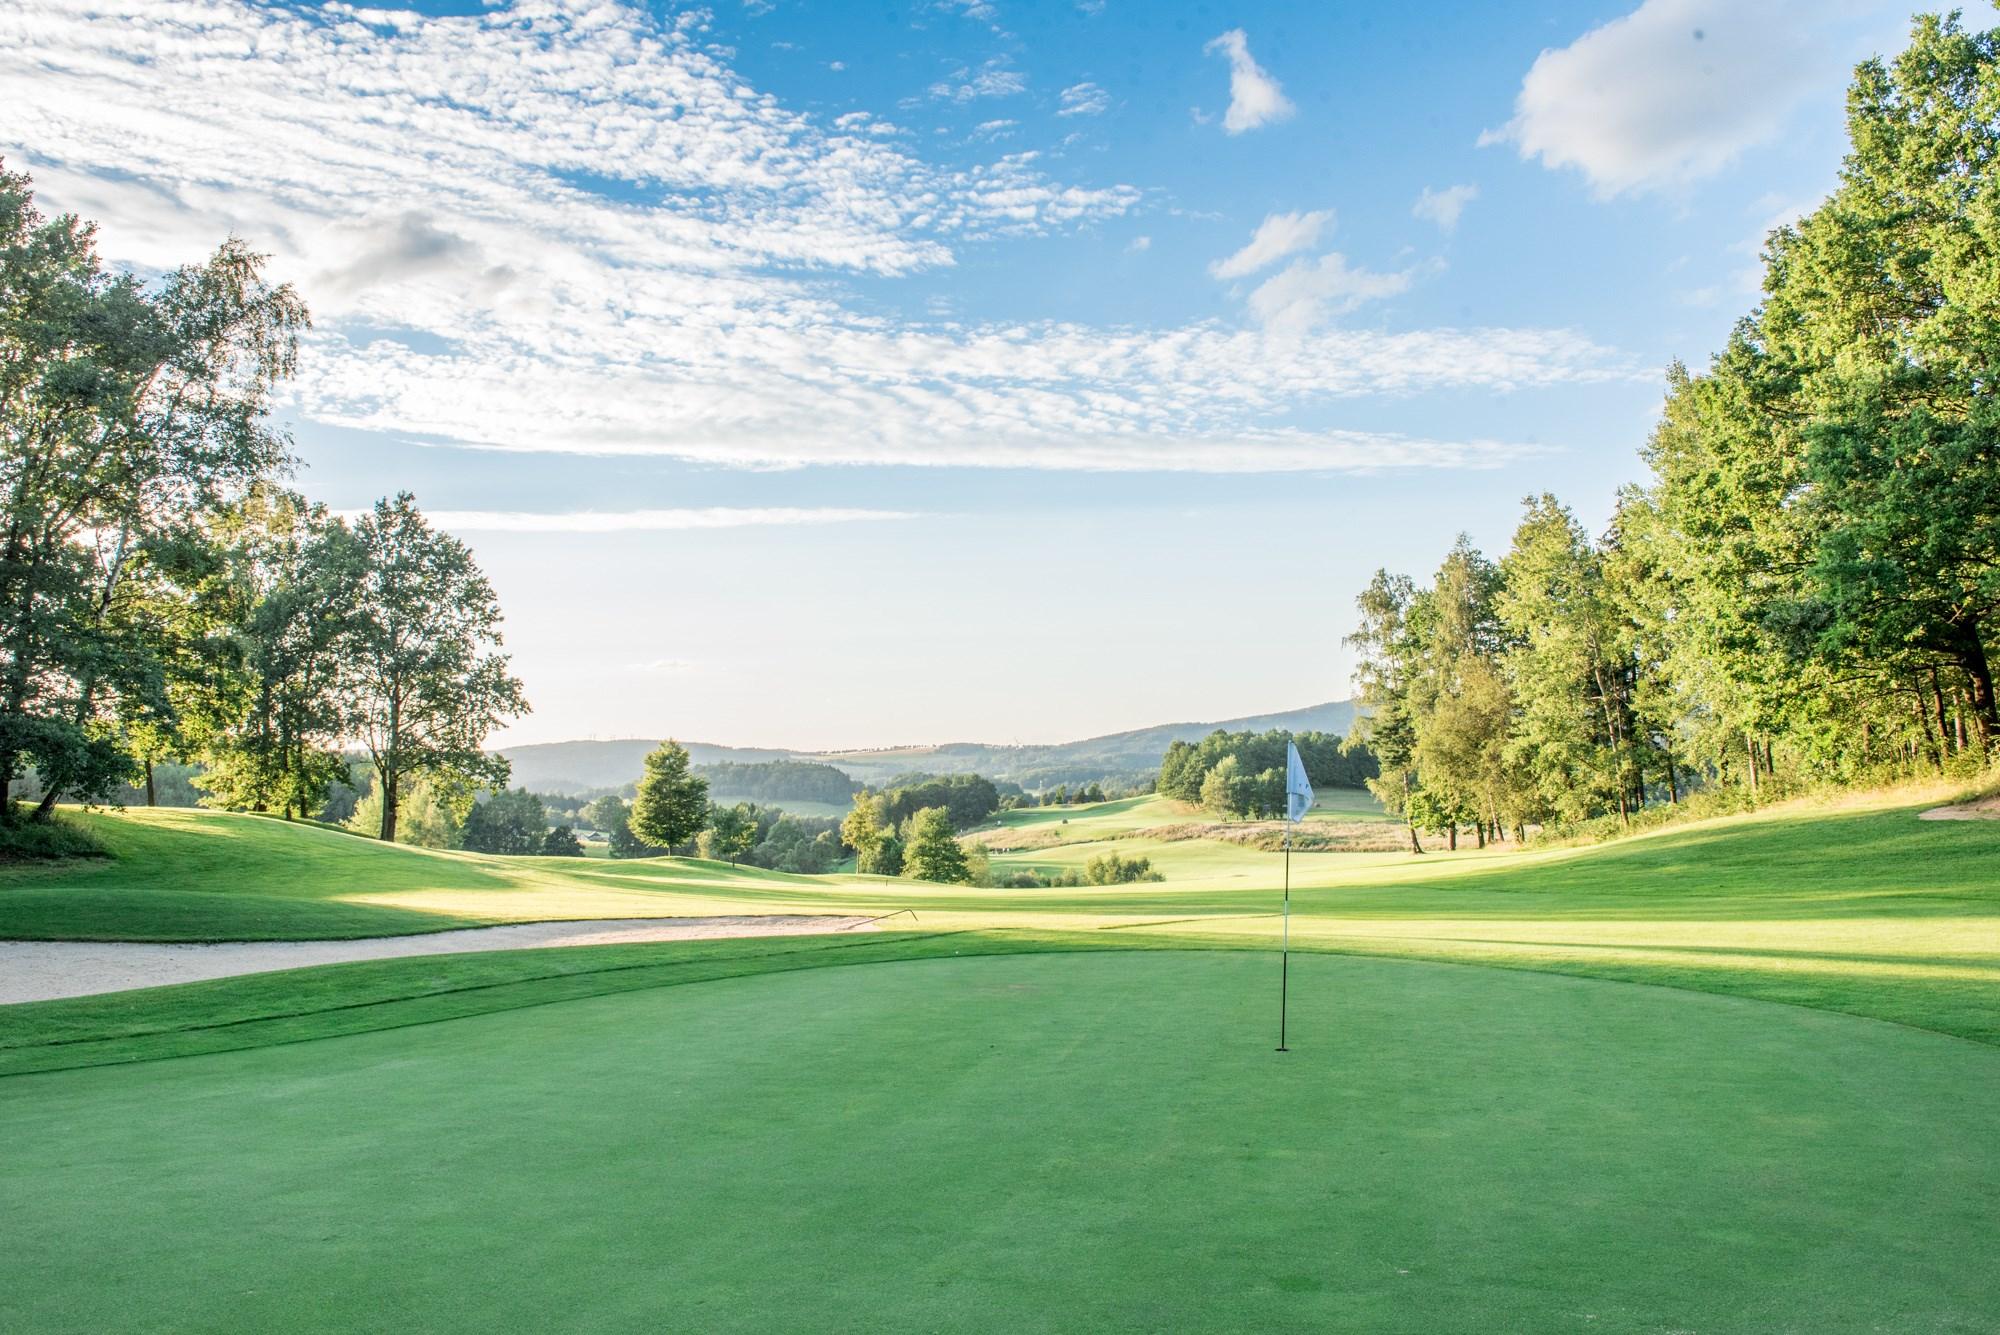 Golf_Ypsilon_03.JPG